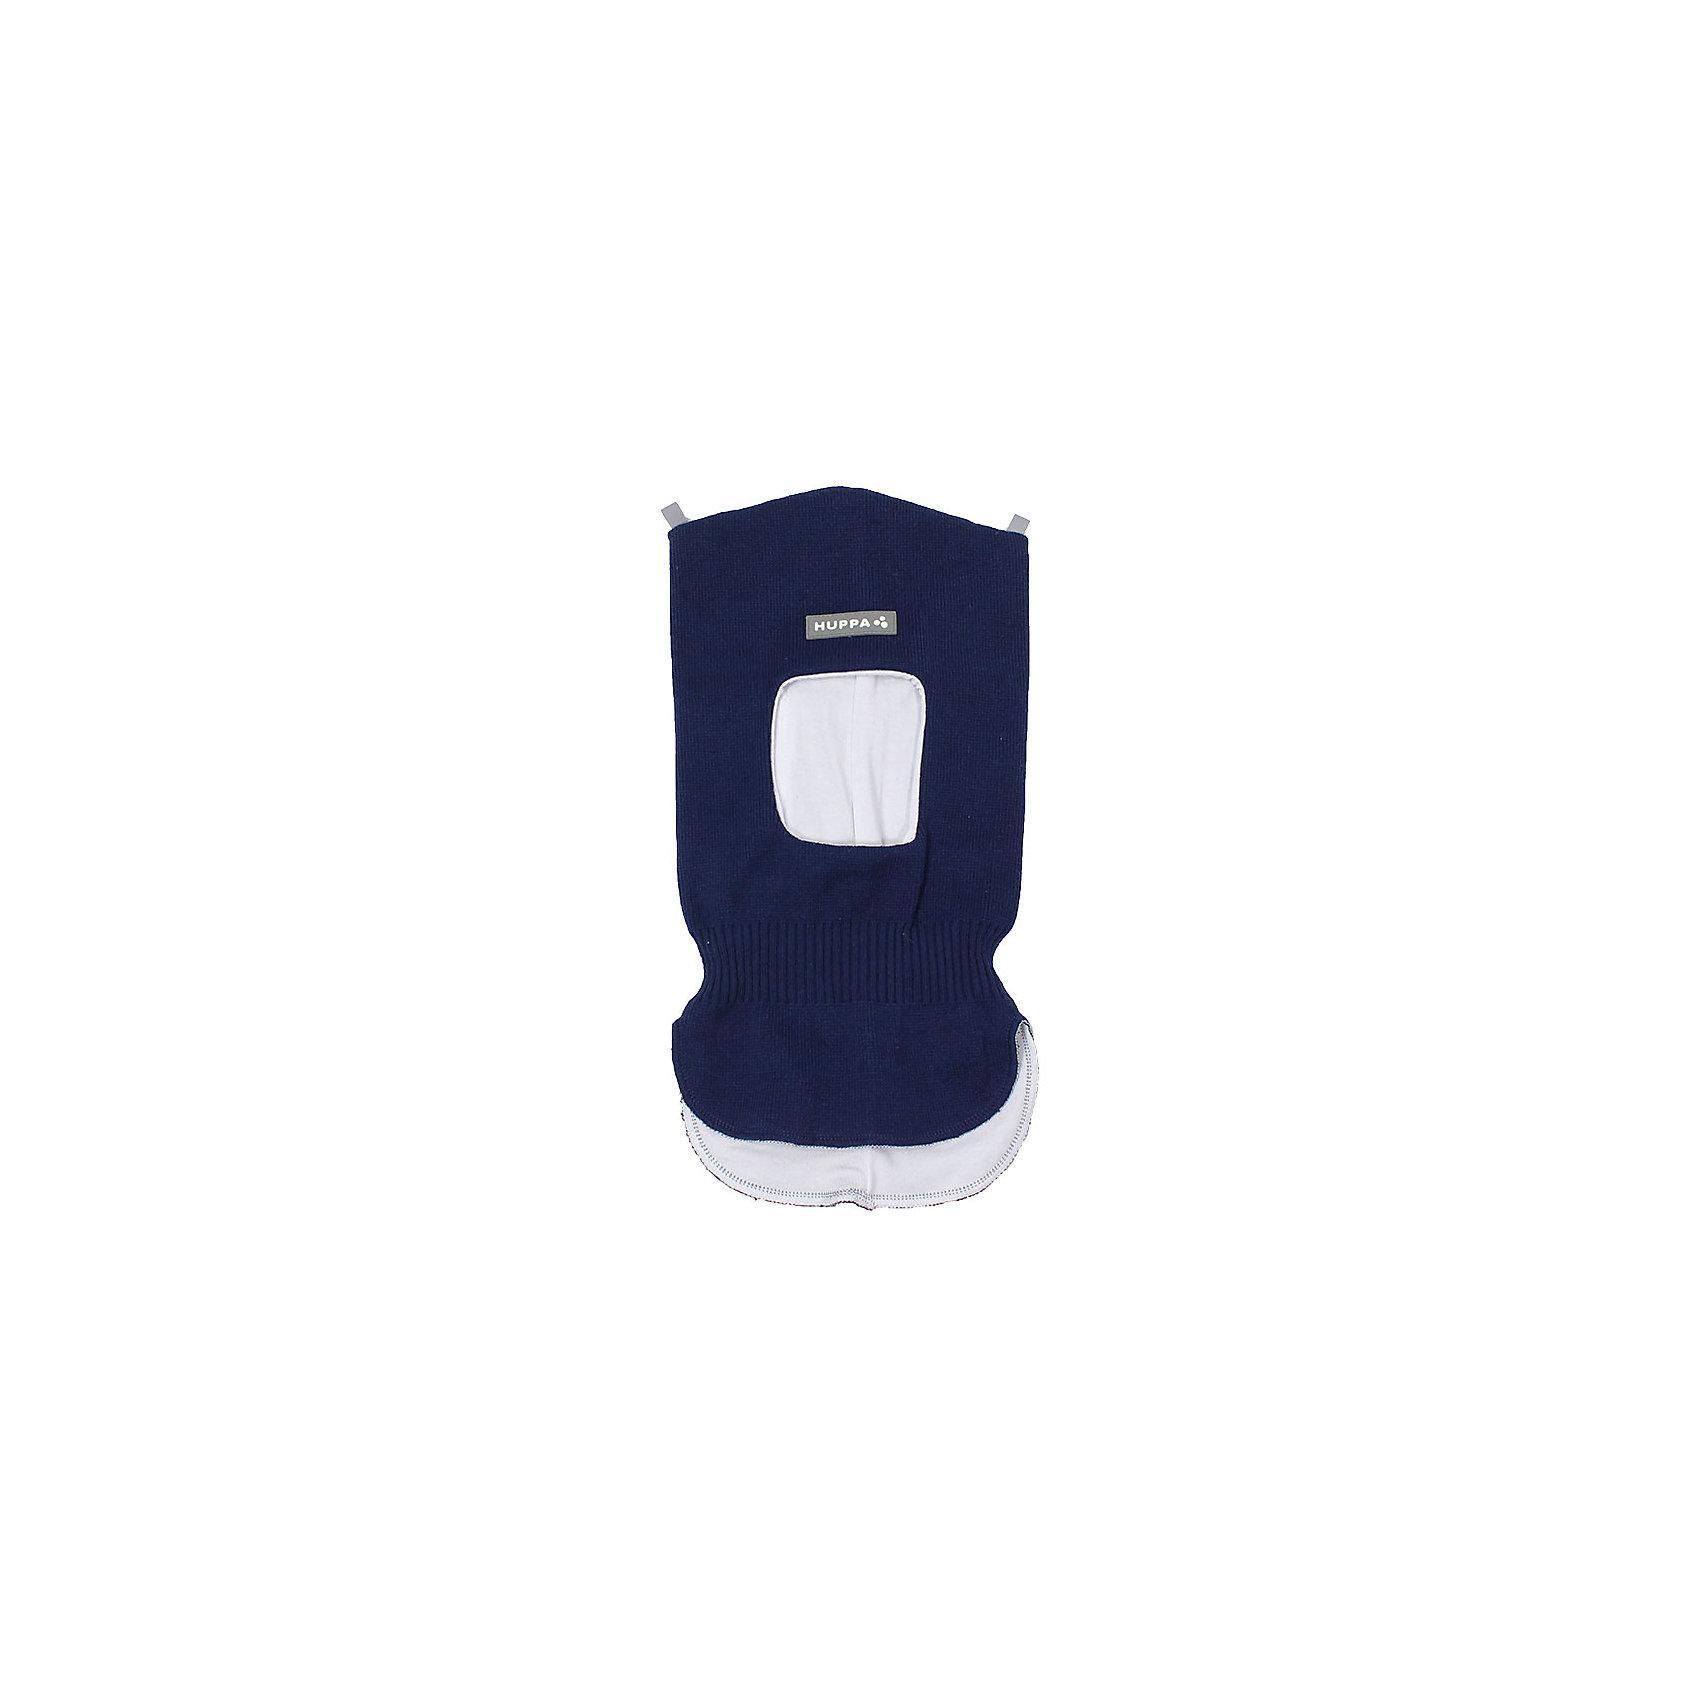 Шапка-шлем SELAH для мальчика HuppaДемисезонные<br>Характеристики товара:<br><br>• цвет: тёмно-синий<br>• состав: 50% хлопок, 50% акрил<br>• подкладка: трикотаж - 100% хлопок<br>• температурный режим: от -5°С до +10°С<br>• демисезонная<br>• мягкая резинка на шее<br>• логотип<br>• комфортная посадка<br>• мягкий материал<br>• страна бренда: Эстония<br><br>Эта шапка обеспечит детям тепло и комфорт. Она сделана из приятного на ощупь мягкого материала. Шапка очень симпатично смотрится, а дизайн и расцветка позволяют сочетать её с различной одеждой. Модель была разработана специально для детей.<br><br>Одежда и обувь от популярного эстонского бренда Huppa - отличный вариант одеть ребенка можно и комфортно. Вещи, выпускаемые компанией, качественные, продуманные и очень удобные. Для производства изделий используются только безопасные для детей материалы. Продукция от Huppa порадует и детей, и их родителей!<br><br>Шапку-шлем SELAH от бренда Huppa (Хуппа) можно купить в нашем интернет-магазине.<br><br>Ширина мм: 89<br>Глубина мм: 117<br>Высота мм: 44<br>Вес г: 155<br>Цвет: синий<br>Возраст от месяцев: 6<br>Возраст до месяцев: 12<br>Пол: Мужской<br>Возраст: Детский<br>Размер: 51-53,47-49,43-45<br>SKU: 5347605